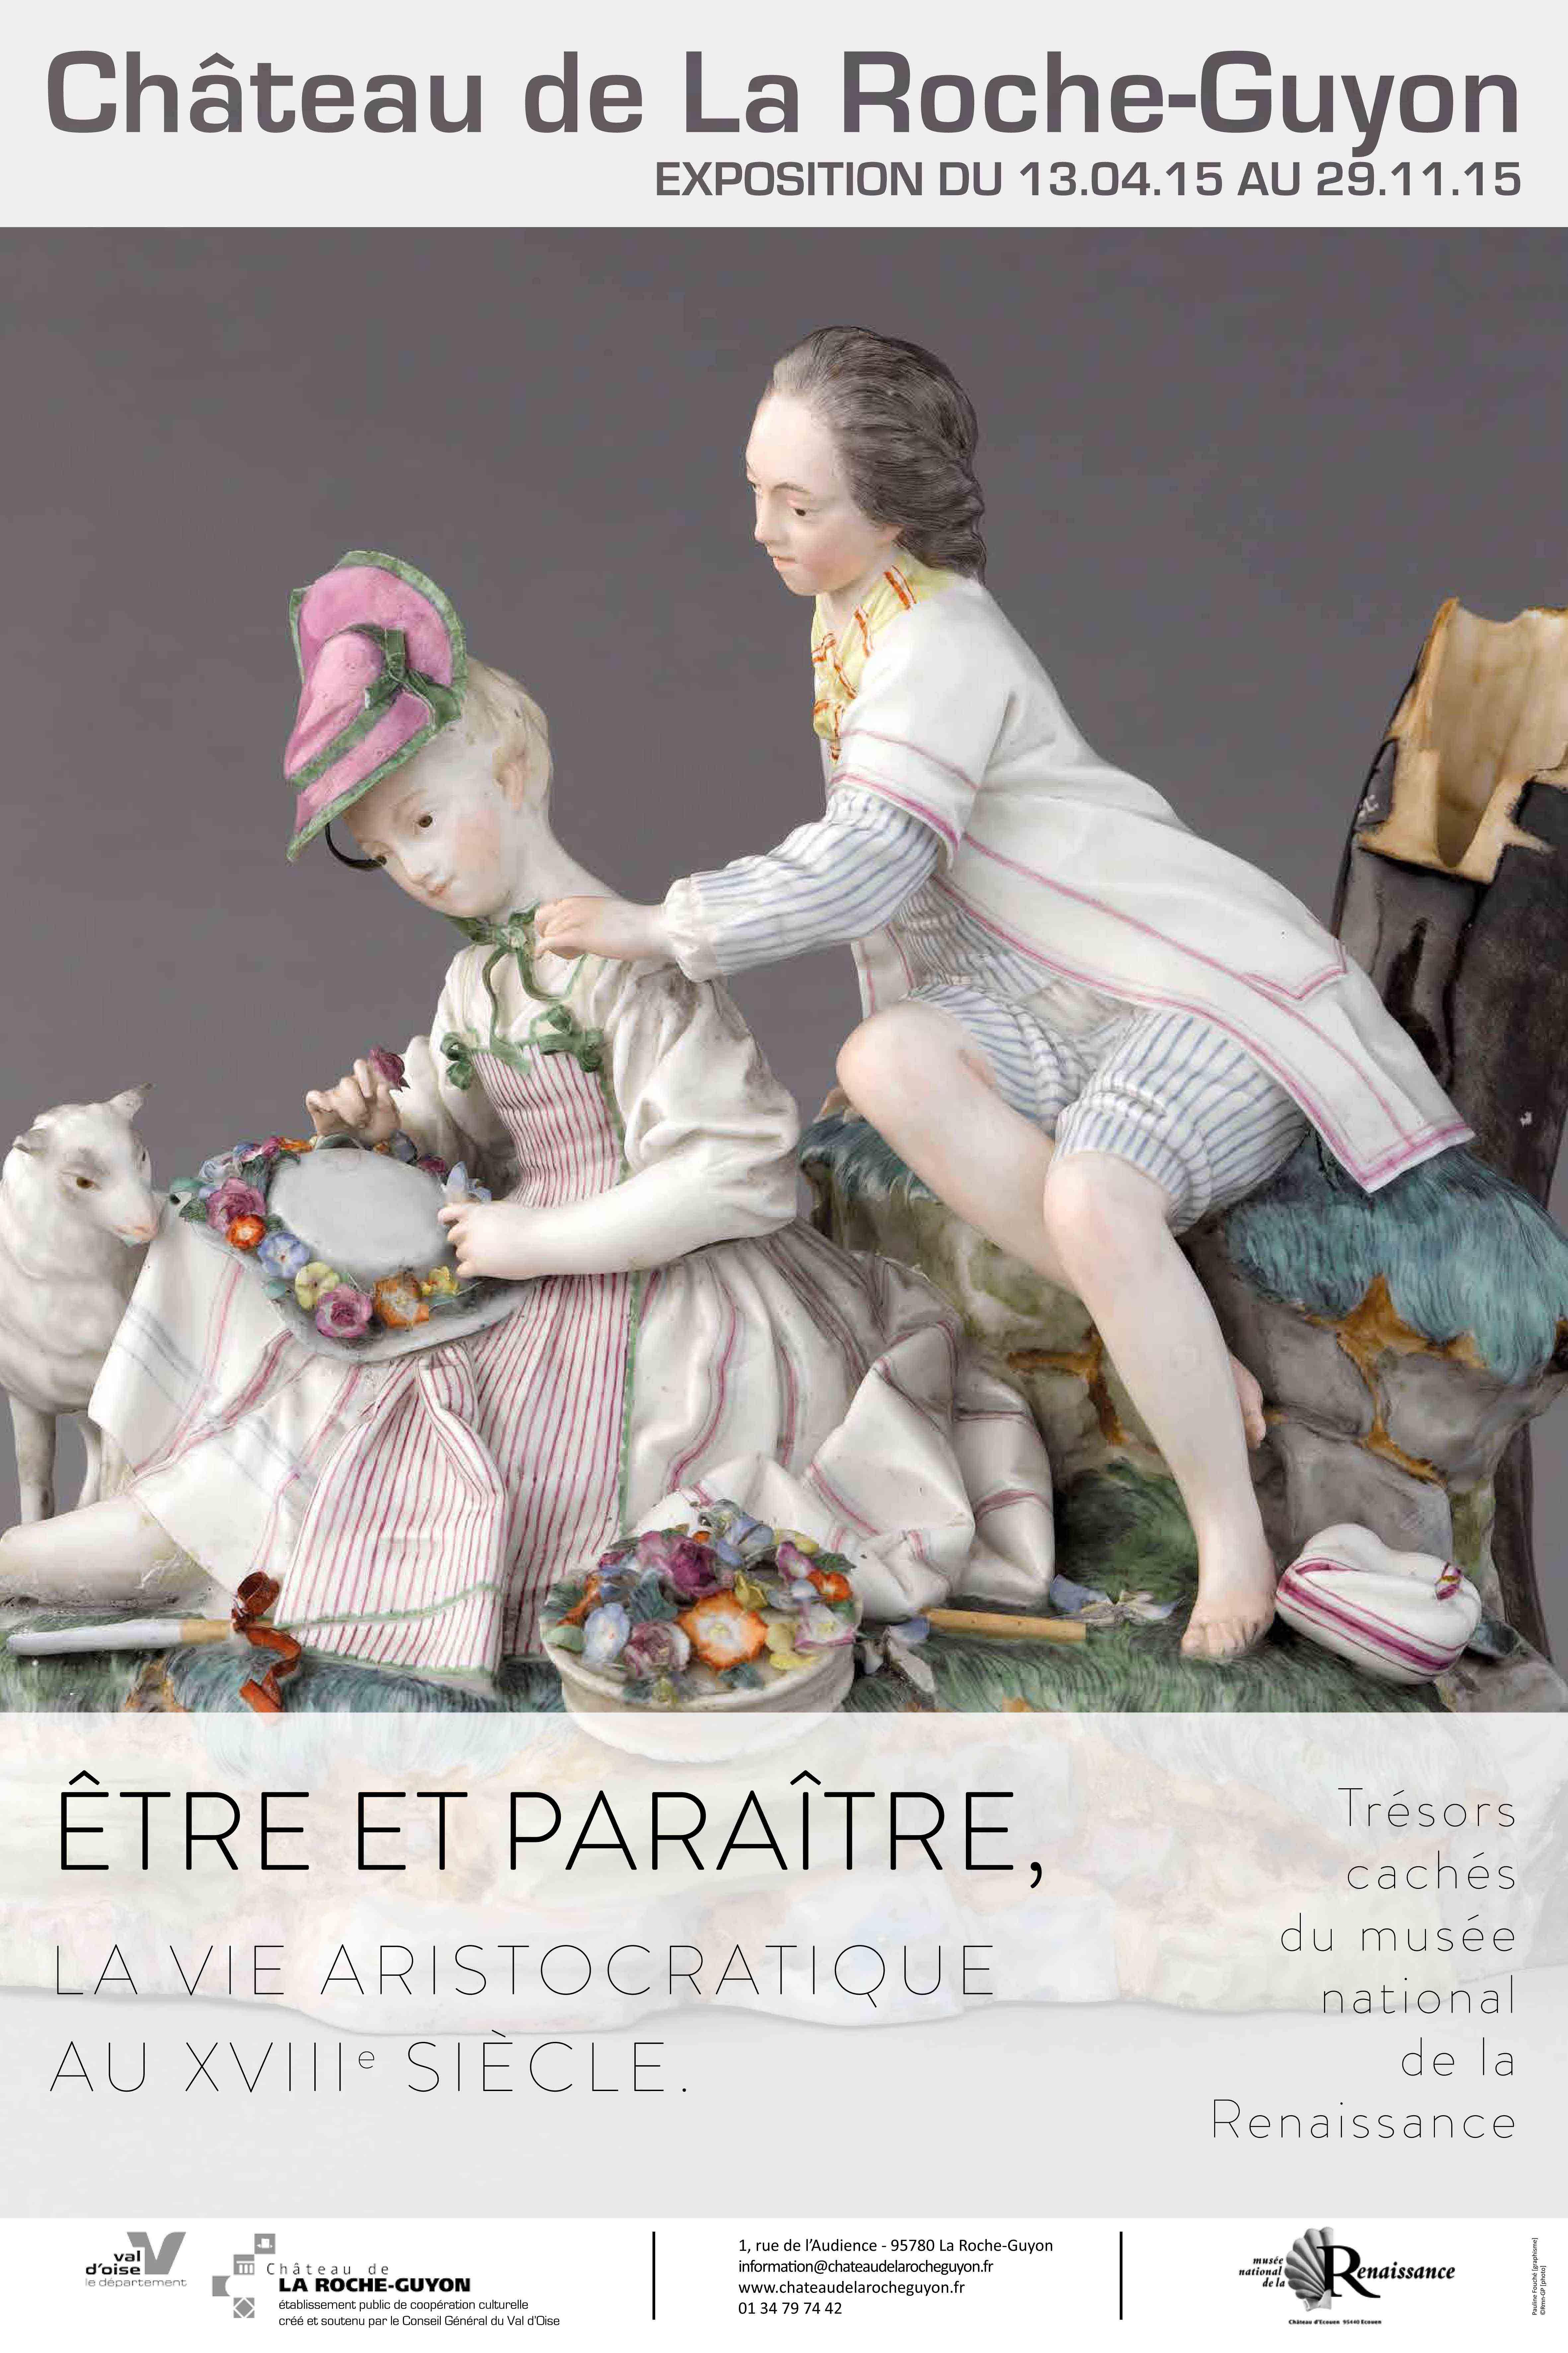 etre et paraitre dissertation Équipement et bureau rÉalisations contact related post of paraitre ou ne pas etre dissertation.